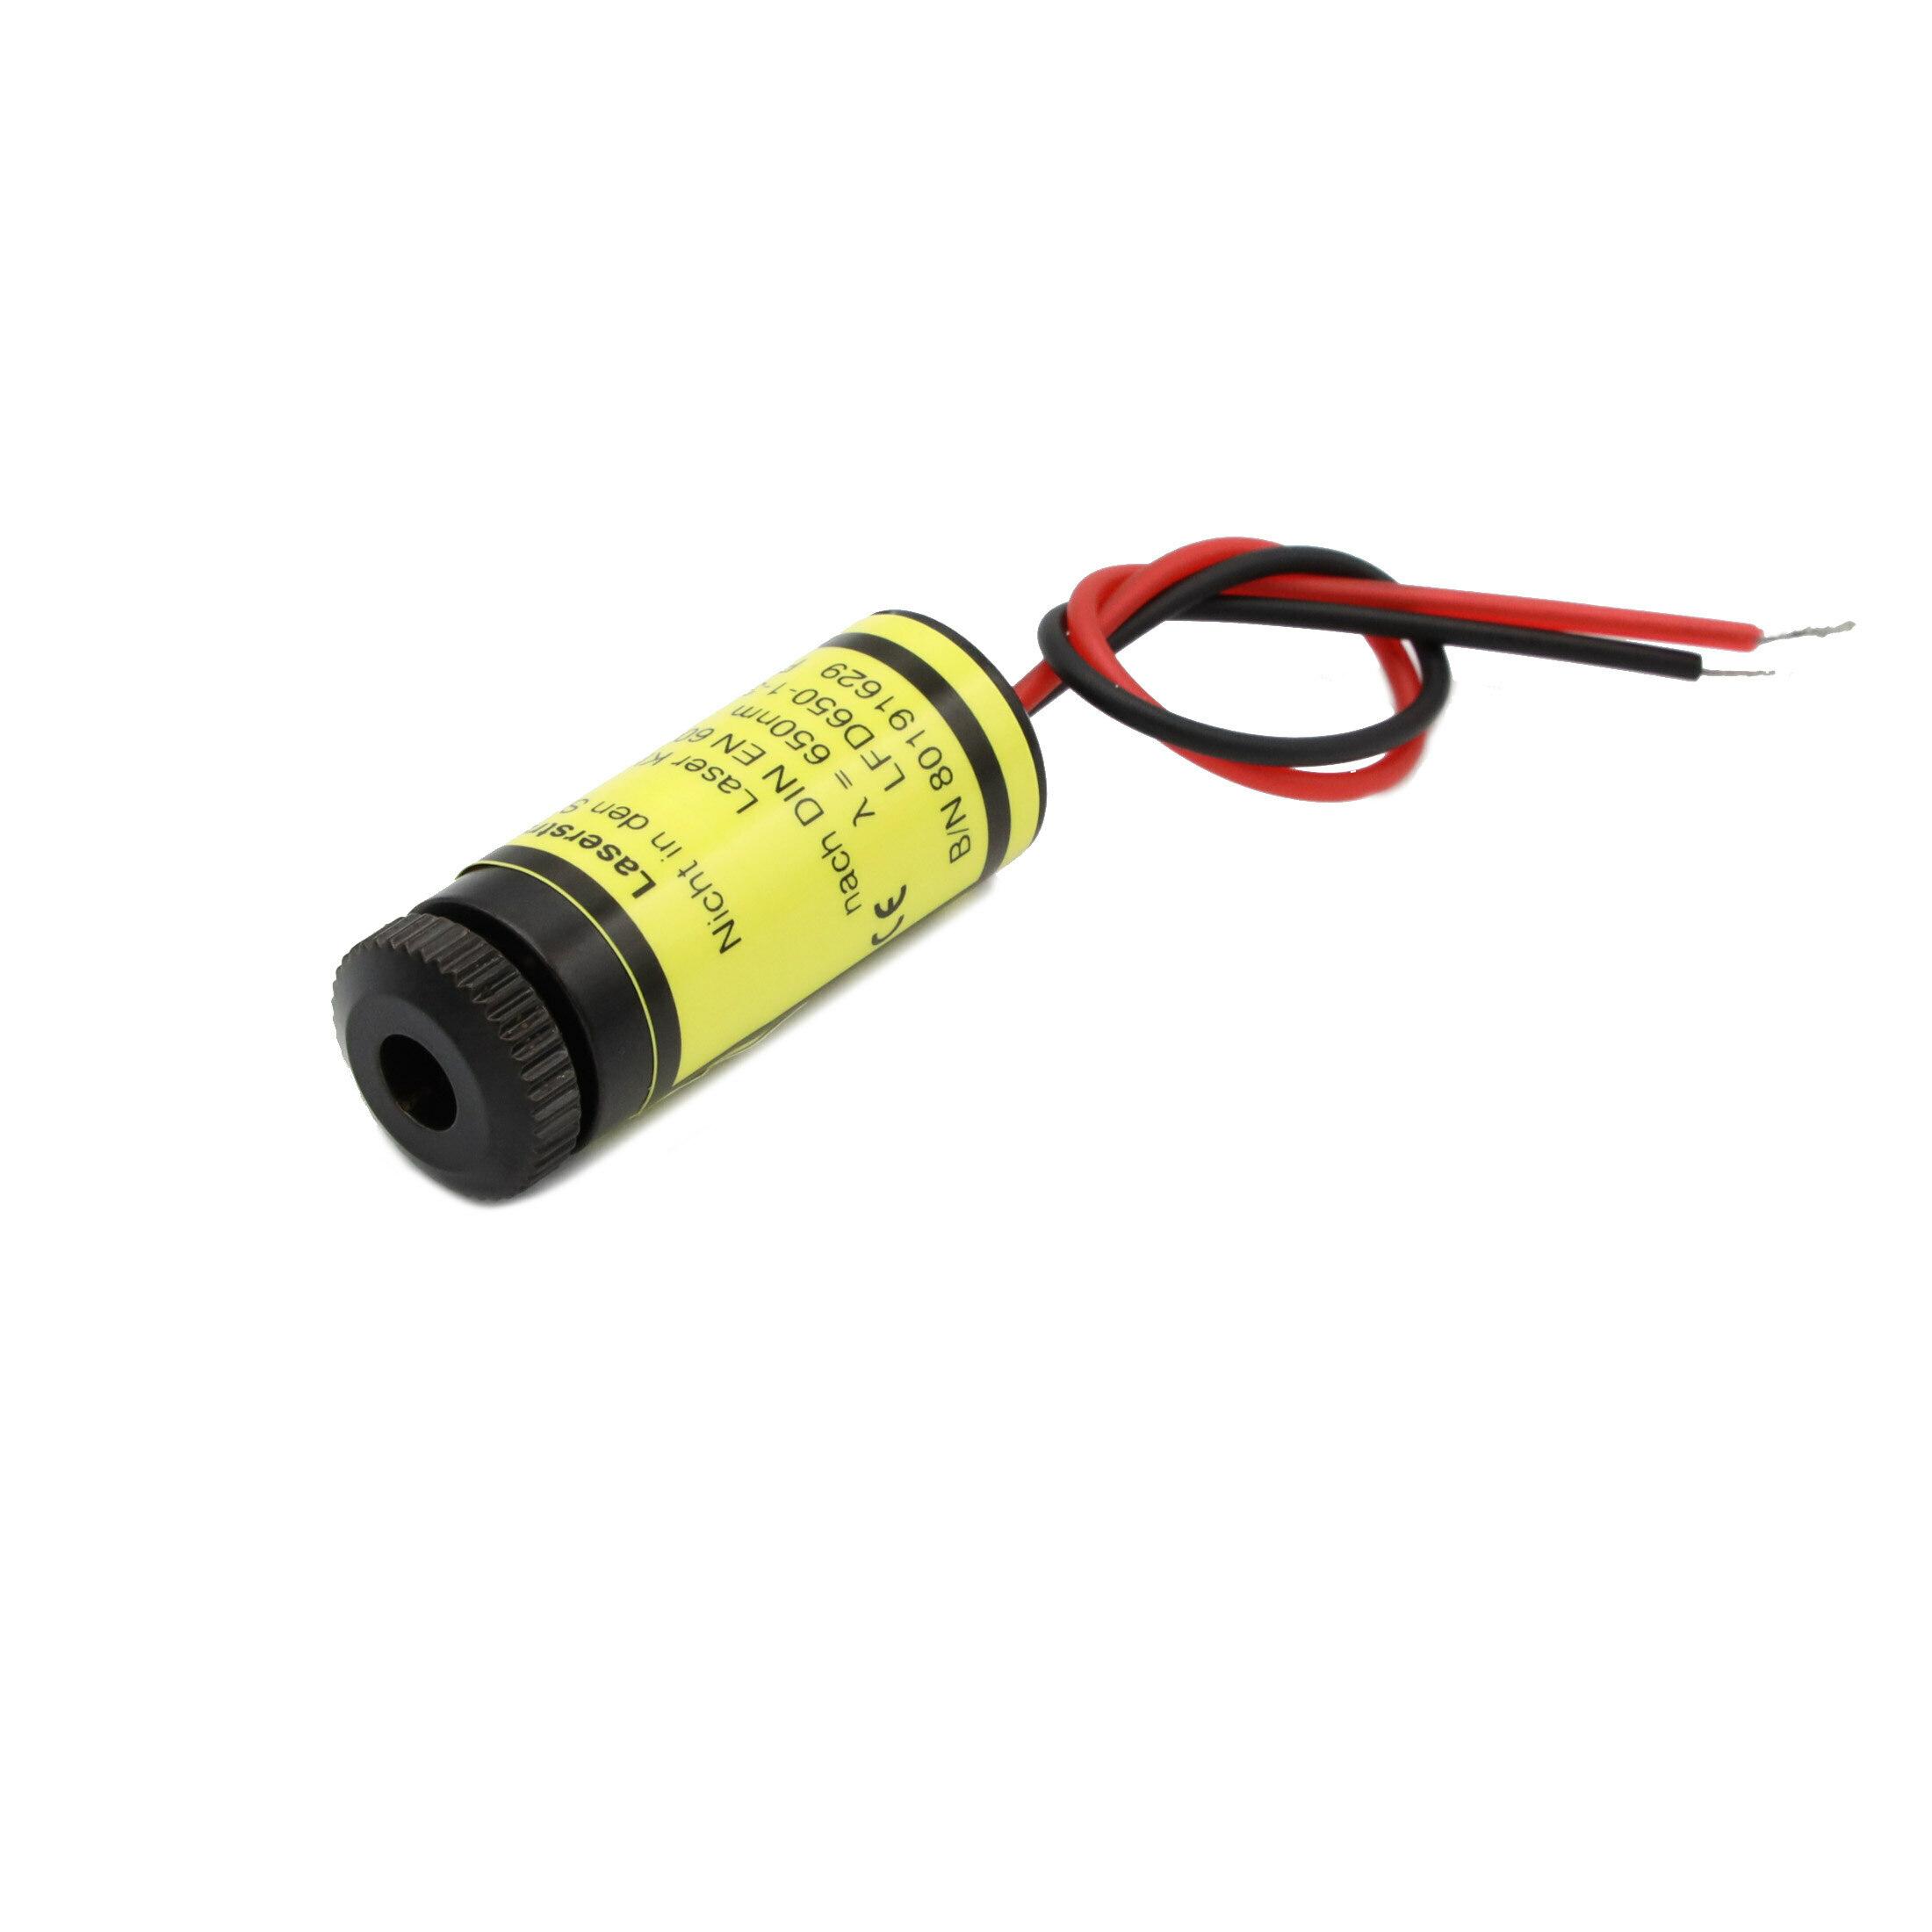 Laserfuchs Laser LFD650-1-3(12x30.5)